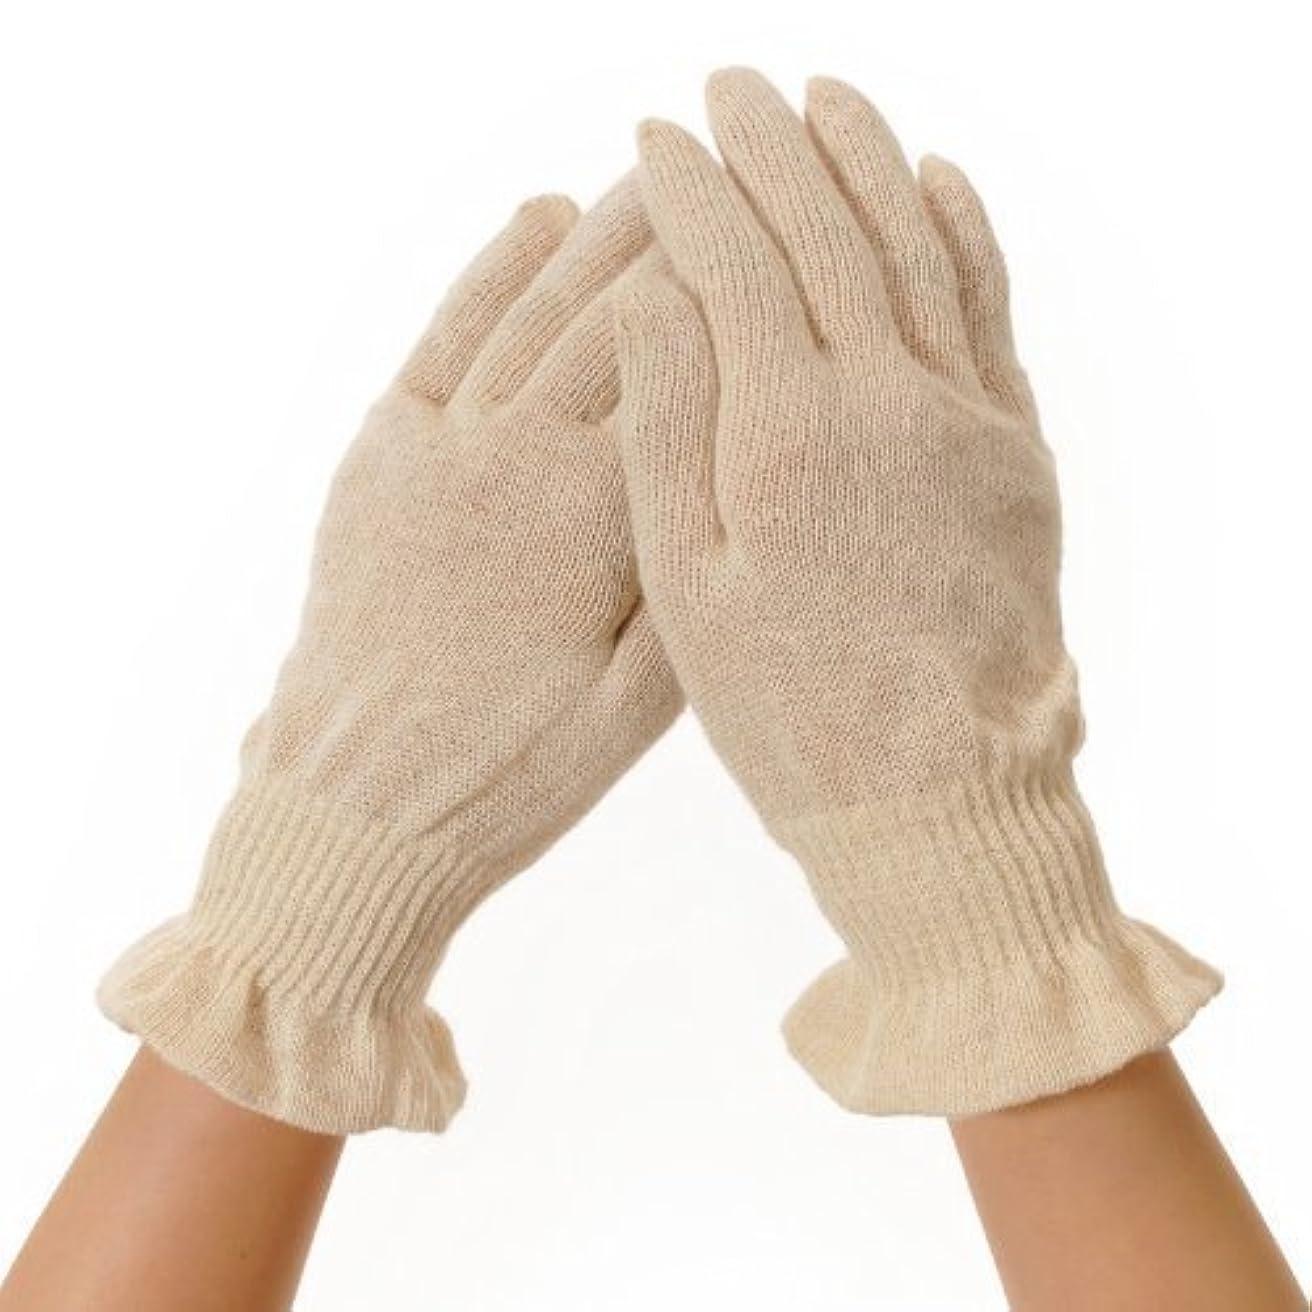 モトリー眠っているウィスキー麻福ヘンプ おやすみ手袋 きなり R (女性ゆったり/男性ジャストフィット) 麻 手荒れ 主婦湿疹 ハンドケア 冷え 保湿 保温 抗菌 ムレない 就寝用